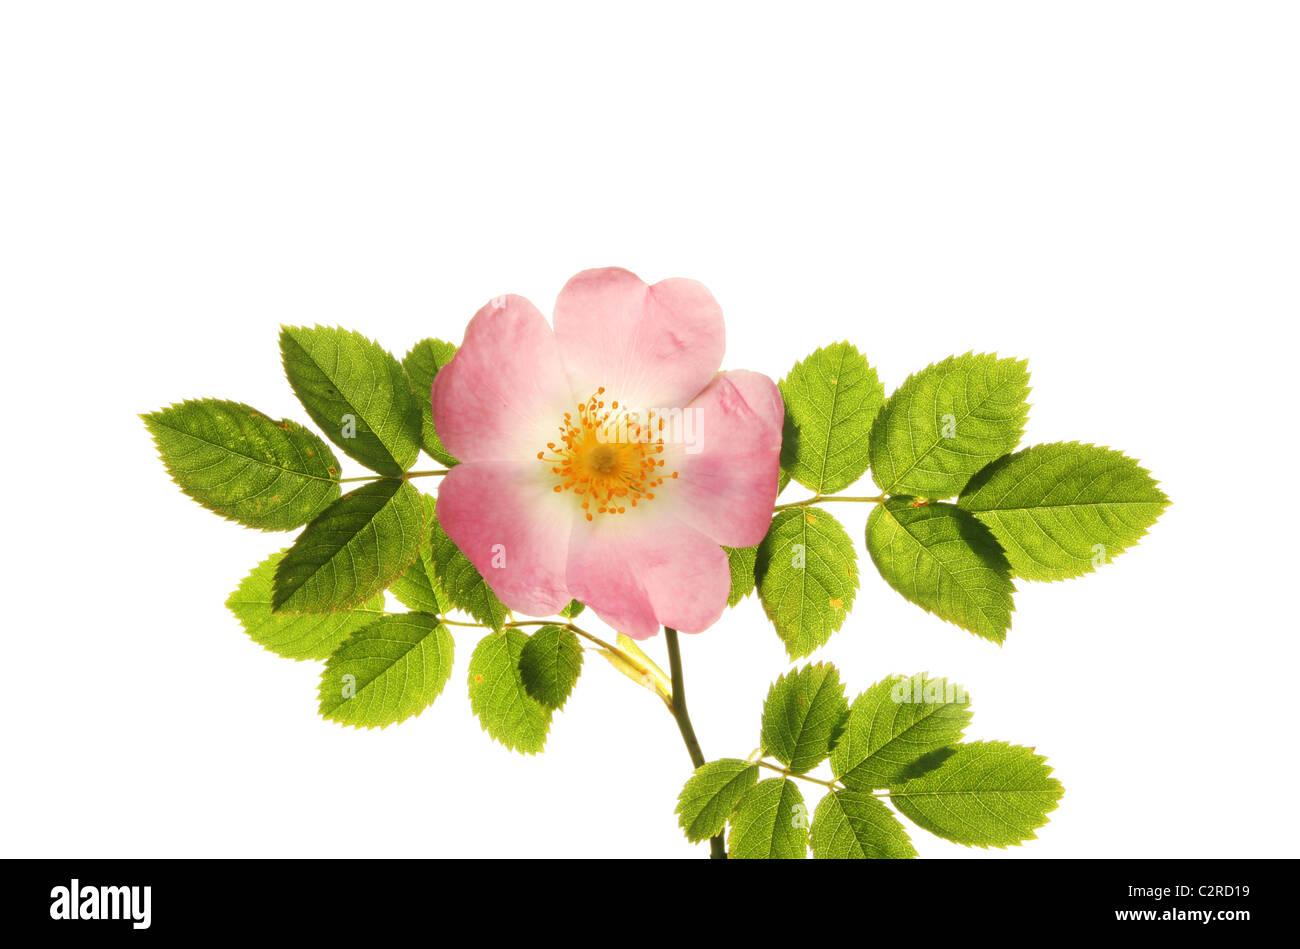 La rosa canina fiore e foglie isolata contro bianco Immagini Stock